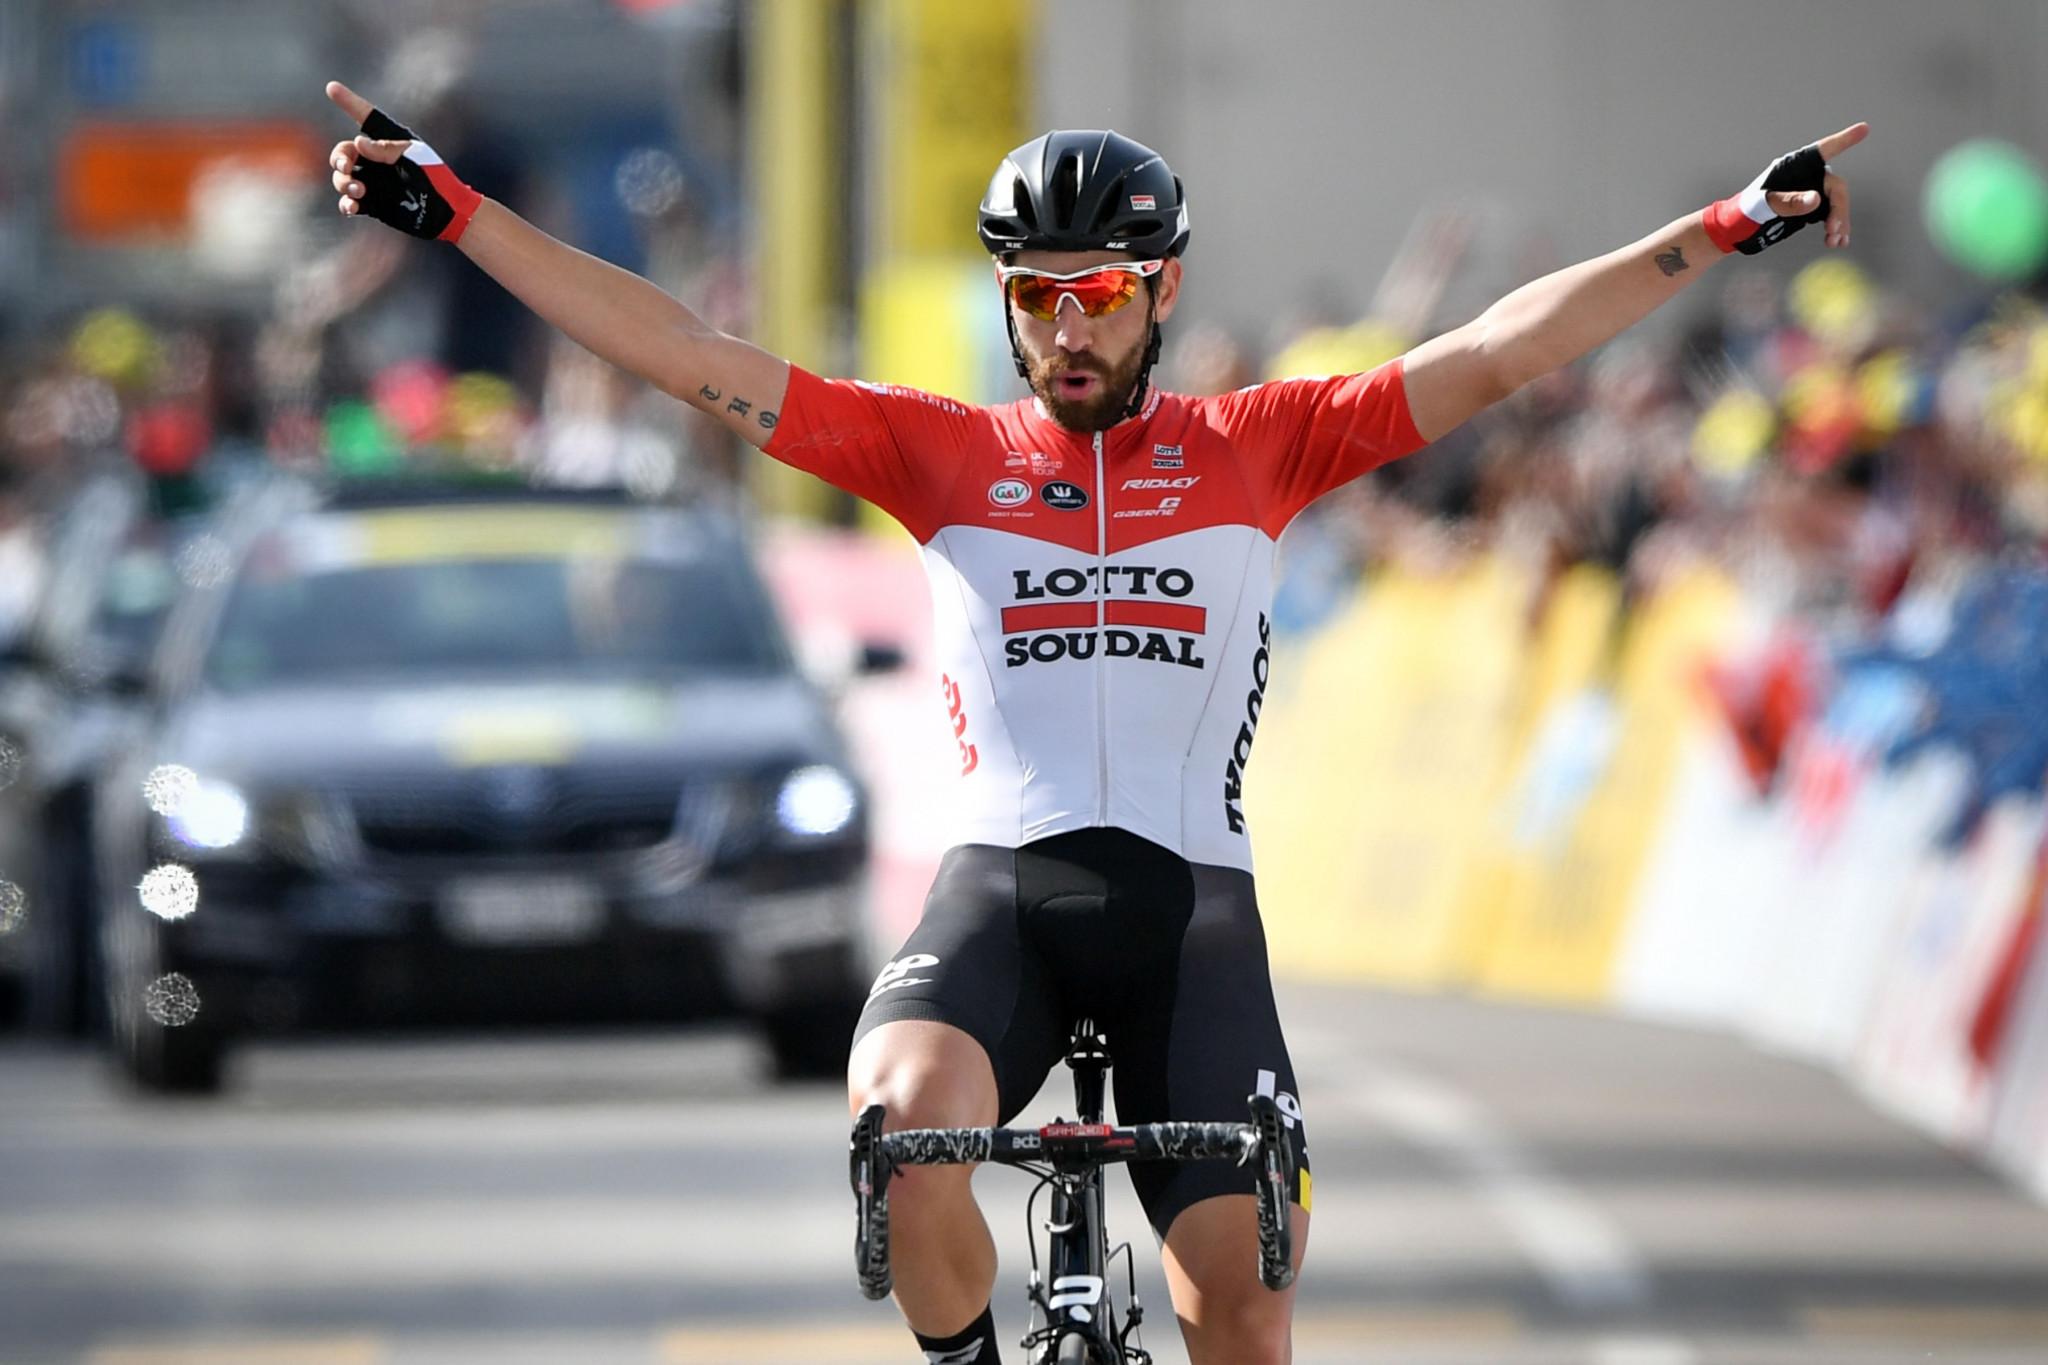 De Gendt breaks clear to claim solo Tour de Romandie stage win